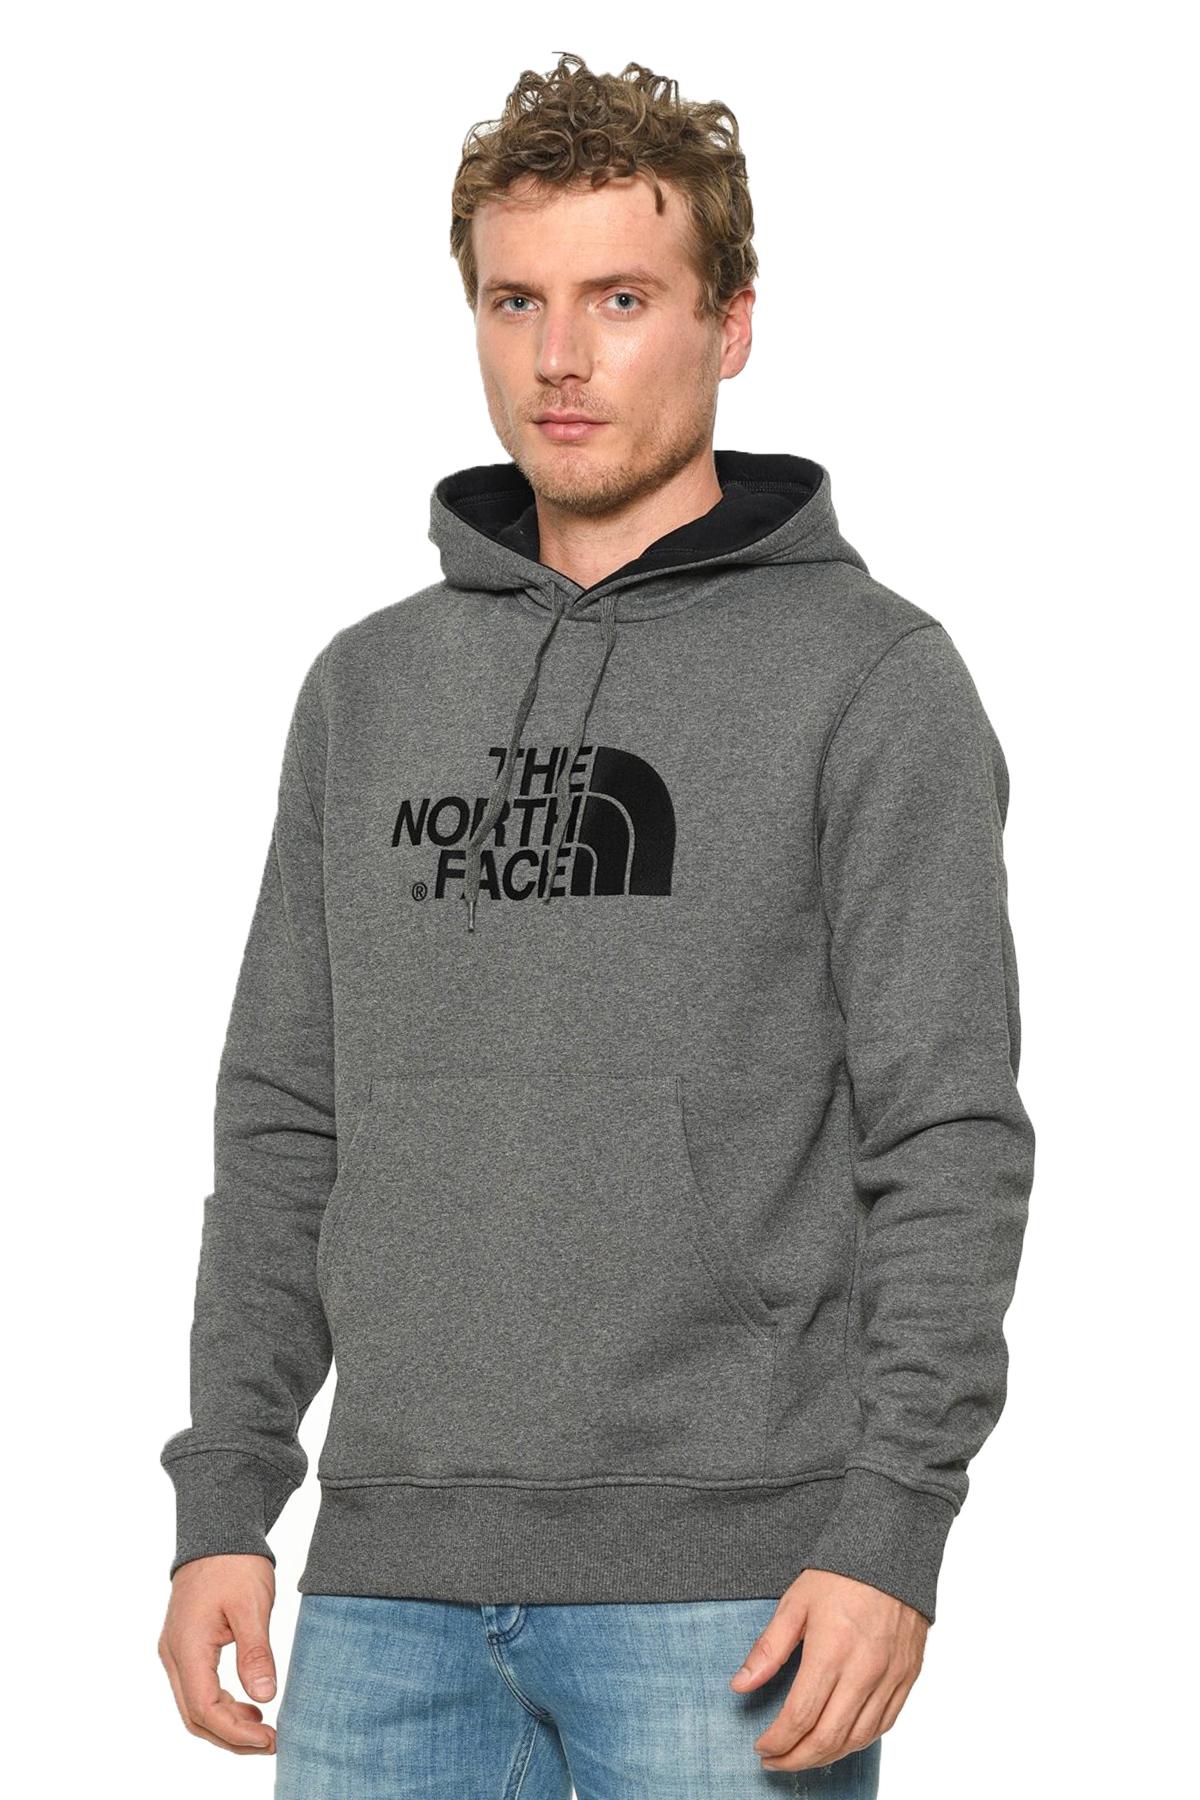 The North Face Drew Peak Pullover Hoodie Erkek Sweatshirt Gri (NF00AHJYLXS1TT-275)